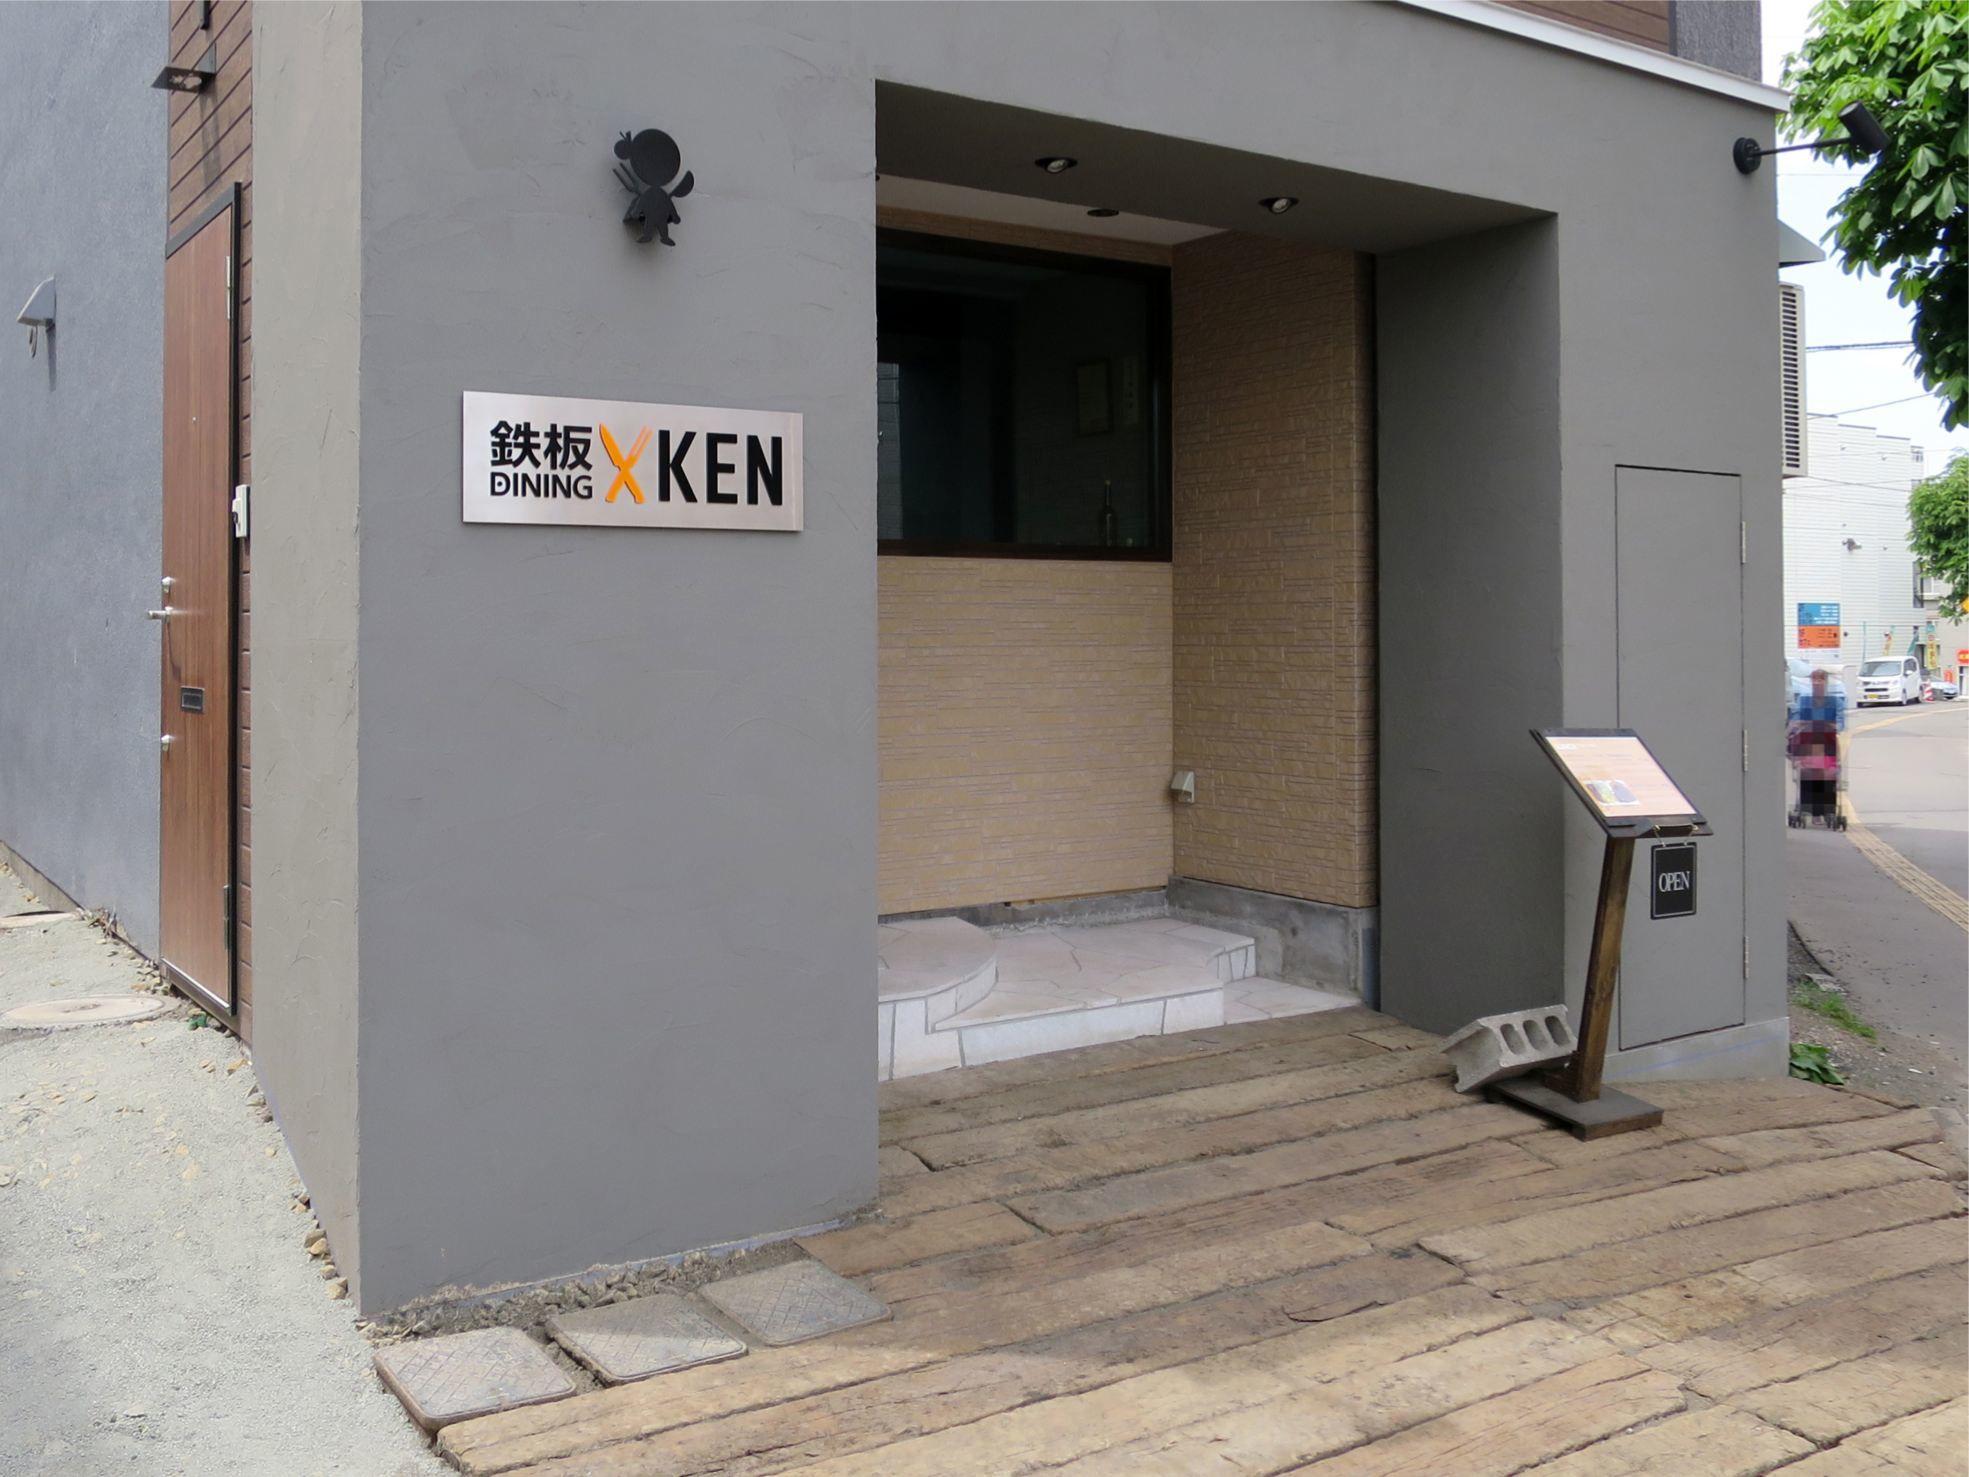 鉄板ダイニング・ケン